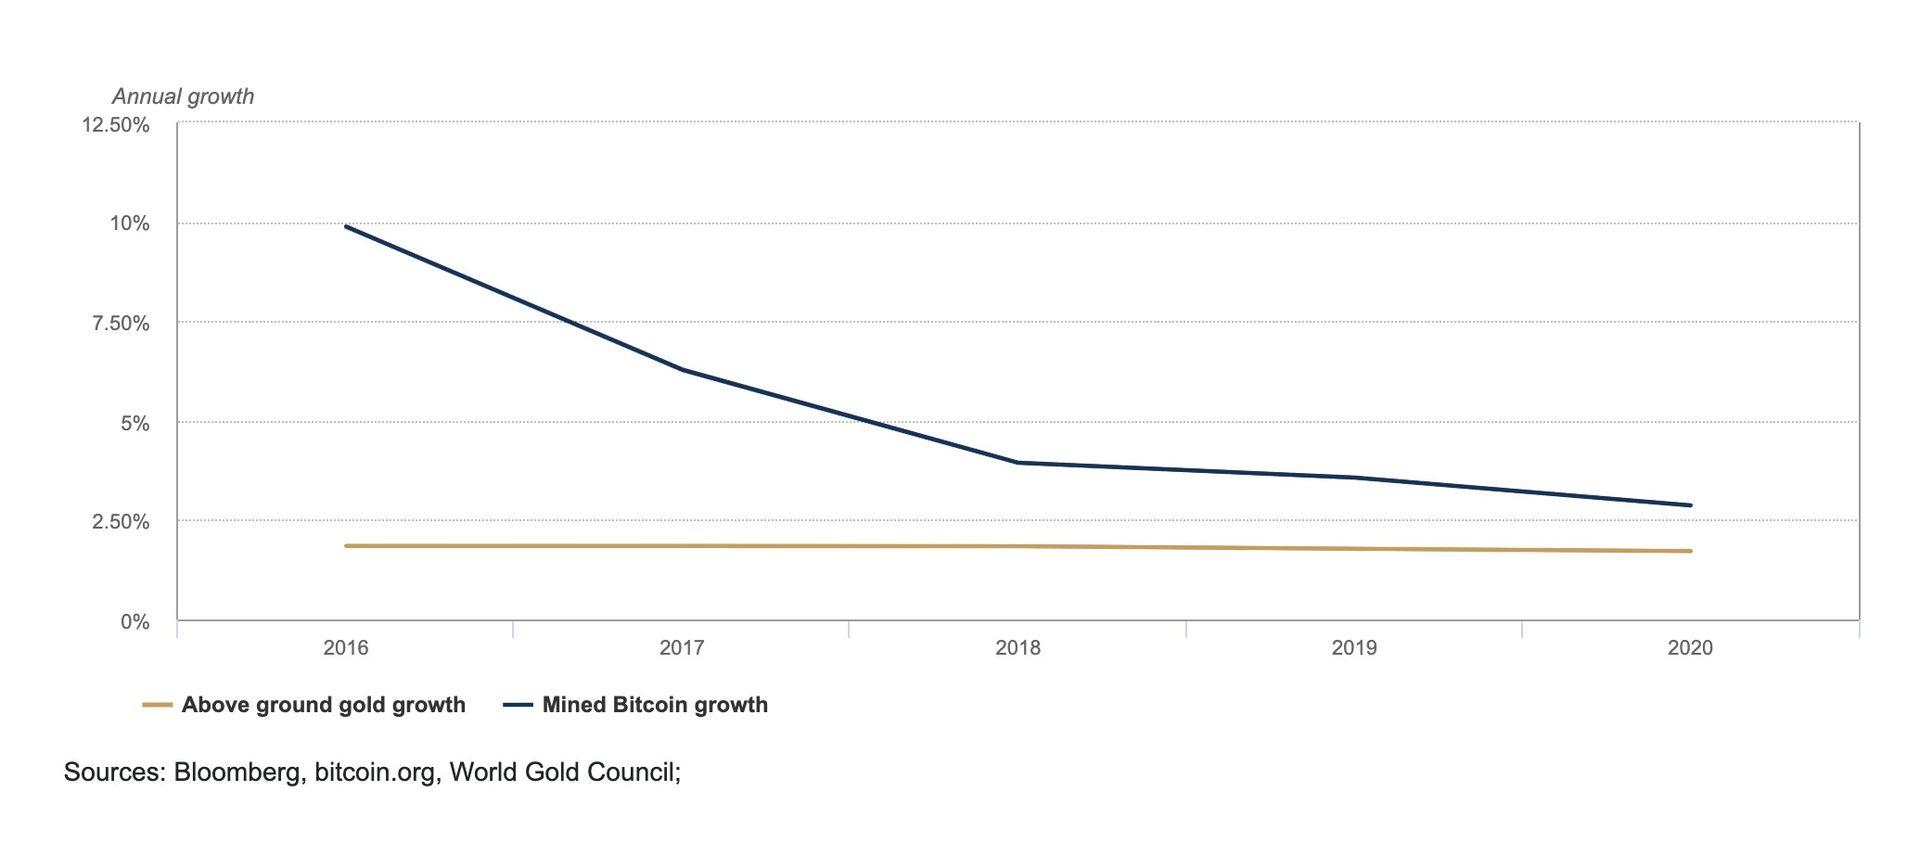 Grafik des jährlichen Wachstums von oberirdisch verfügbarem Gold und abgebautem Bitcoin, die zeigt, dass beide Vermögenswerte ein geringes Wachstum bei begrenztem Angebot haben, was sich positiv auf ihren Preis auswirkt.